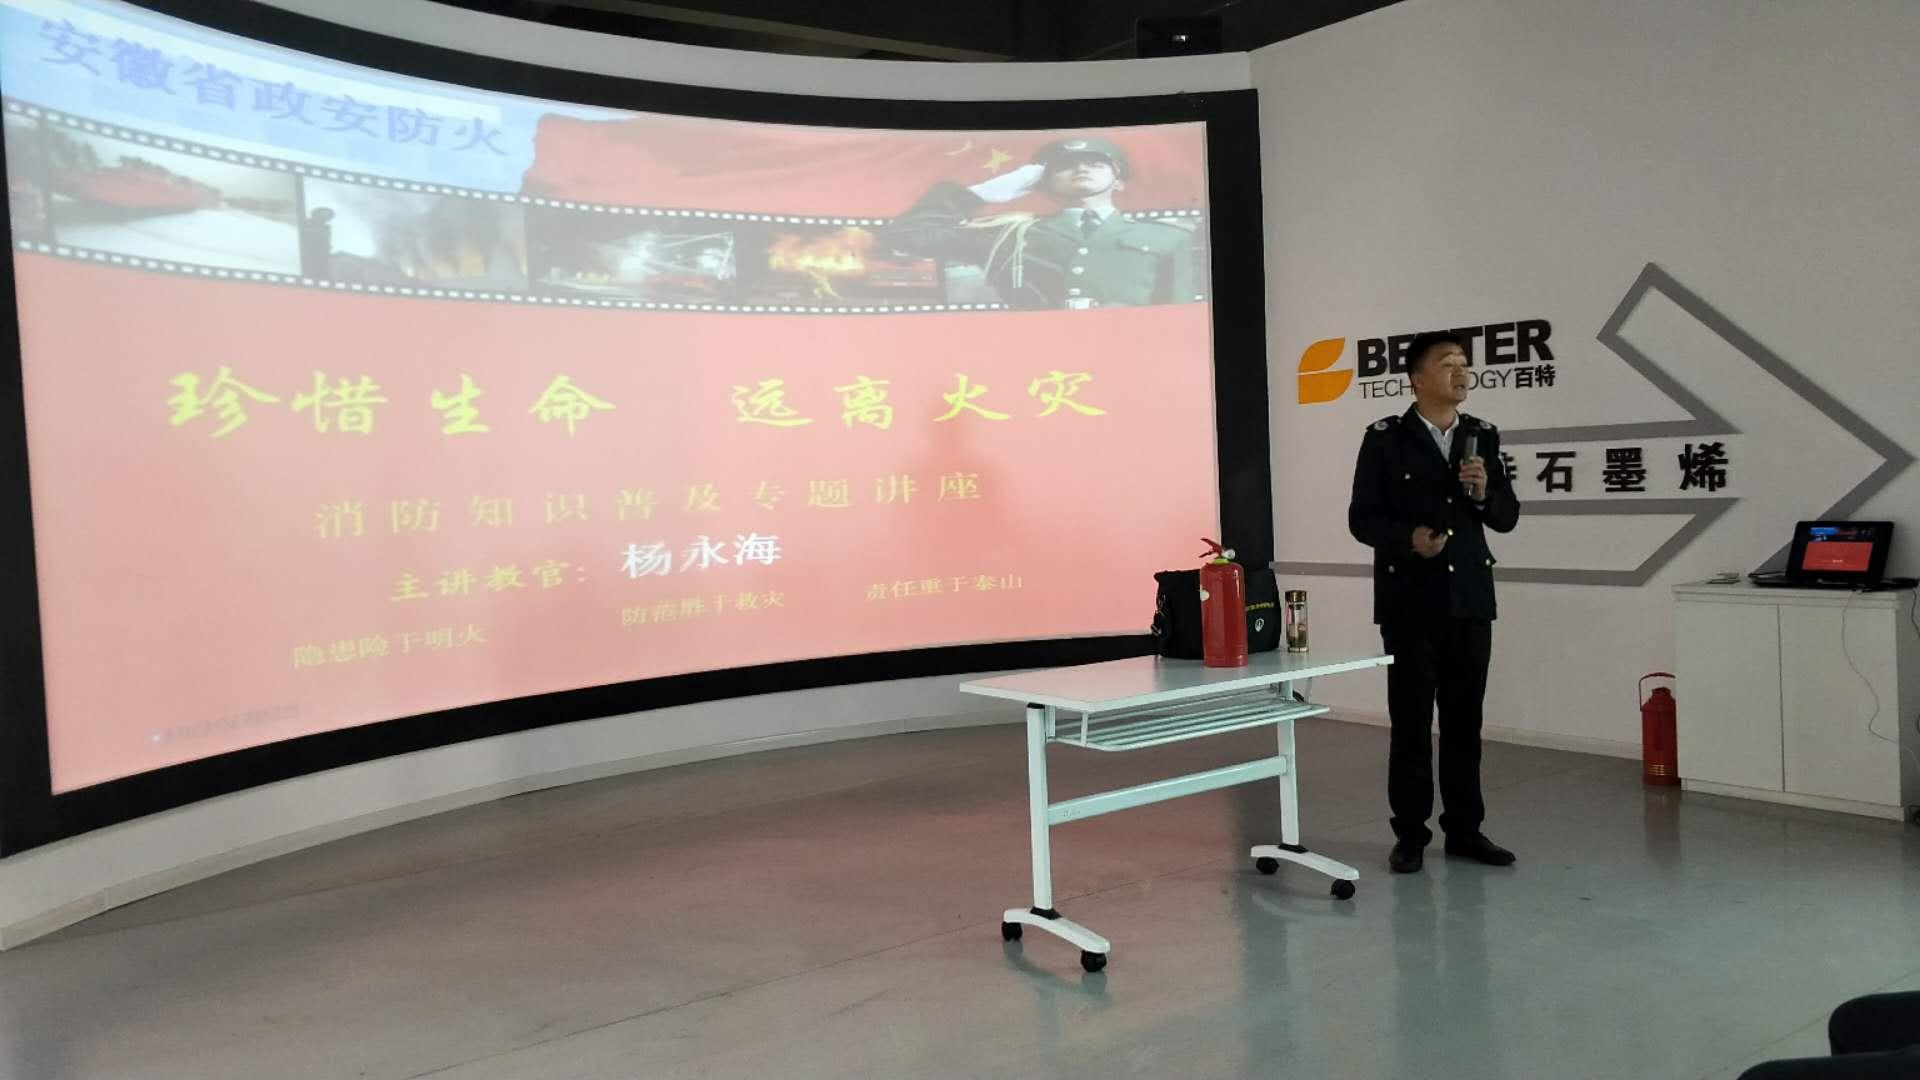 安徽百特 | 安全消防知识培训